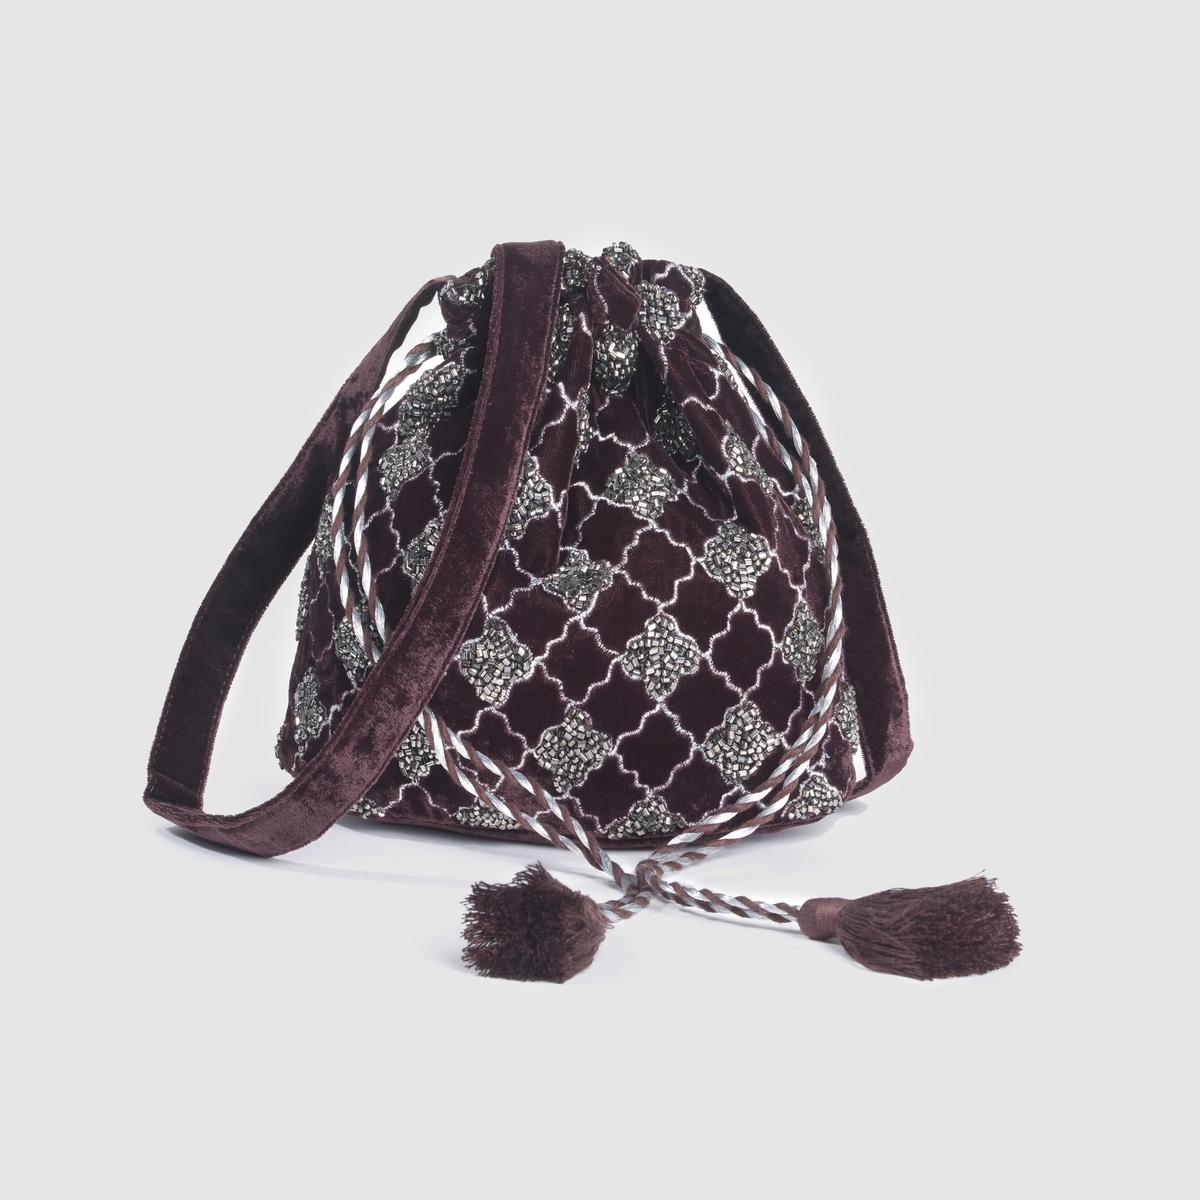 Сумка из велюра с бусинамиСумка из велюра, вышивка бусинами, кисточки,  R ?dition. Стильная женственная сумка, великолепно подходит для шикарного или вечернего наряда.  Состав и описаниеМатериал: 100% полиэстер.Подкладка из текстиляМарка:      R ?ditionЗастежка: завязка и кисточки. Размер: 19 x 18 см. 1 внутренний карман.<br><br>Цвет: каштановый